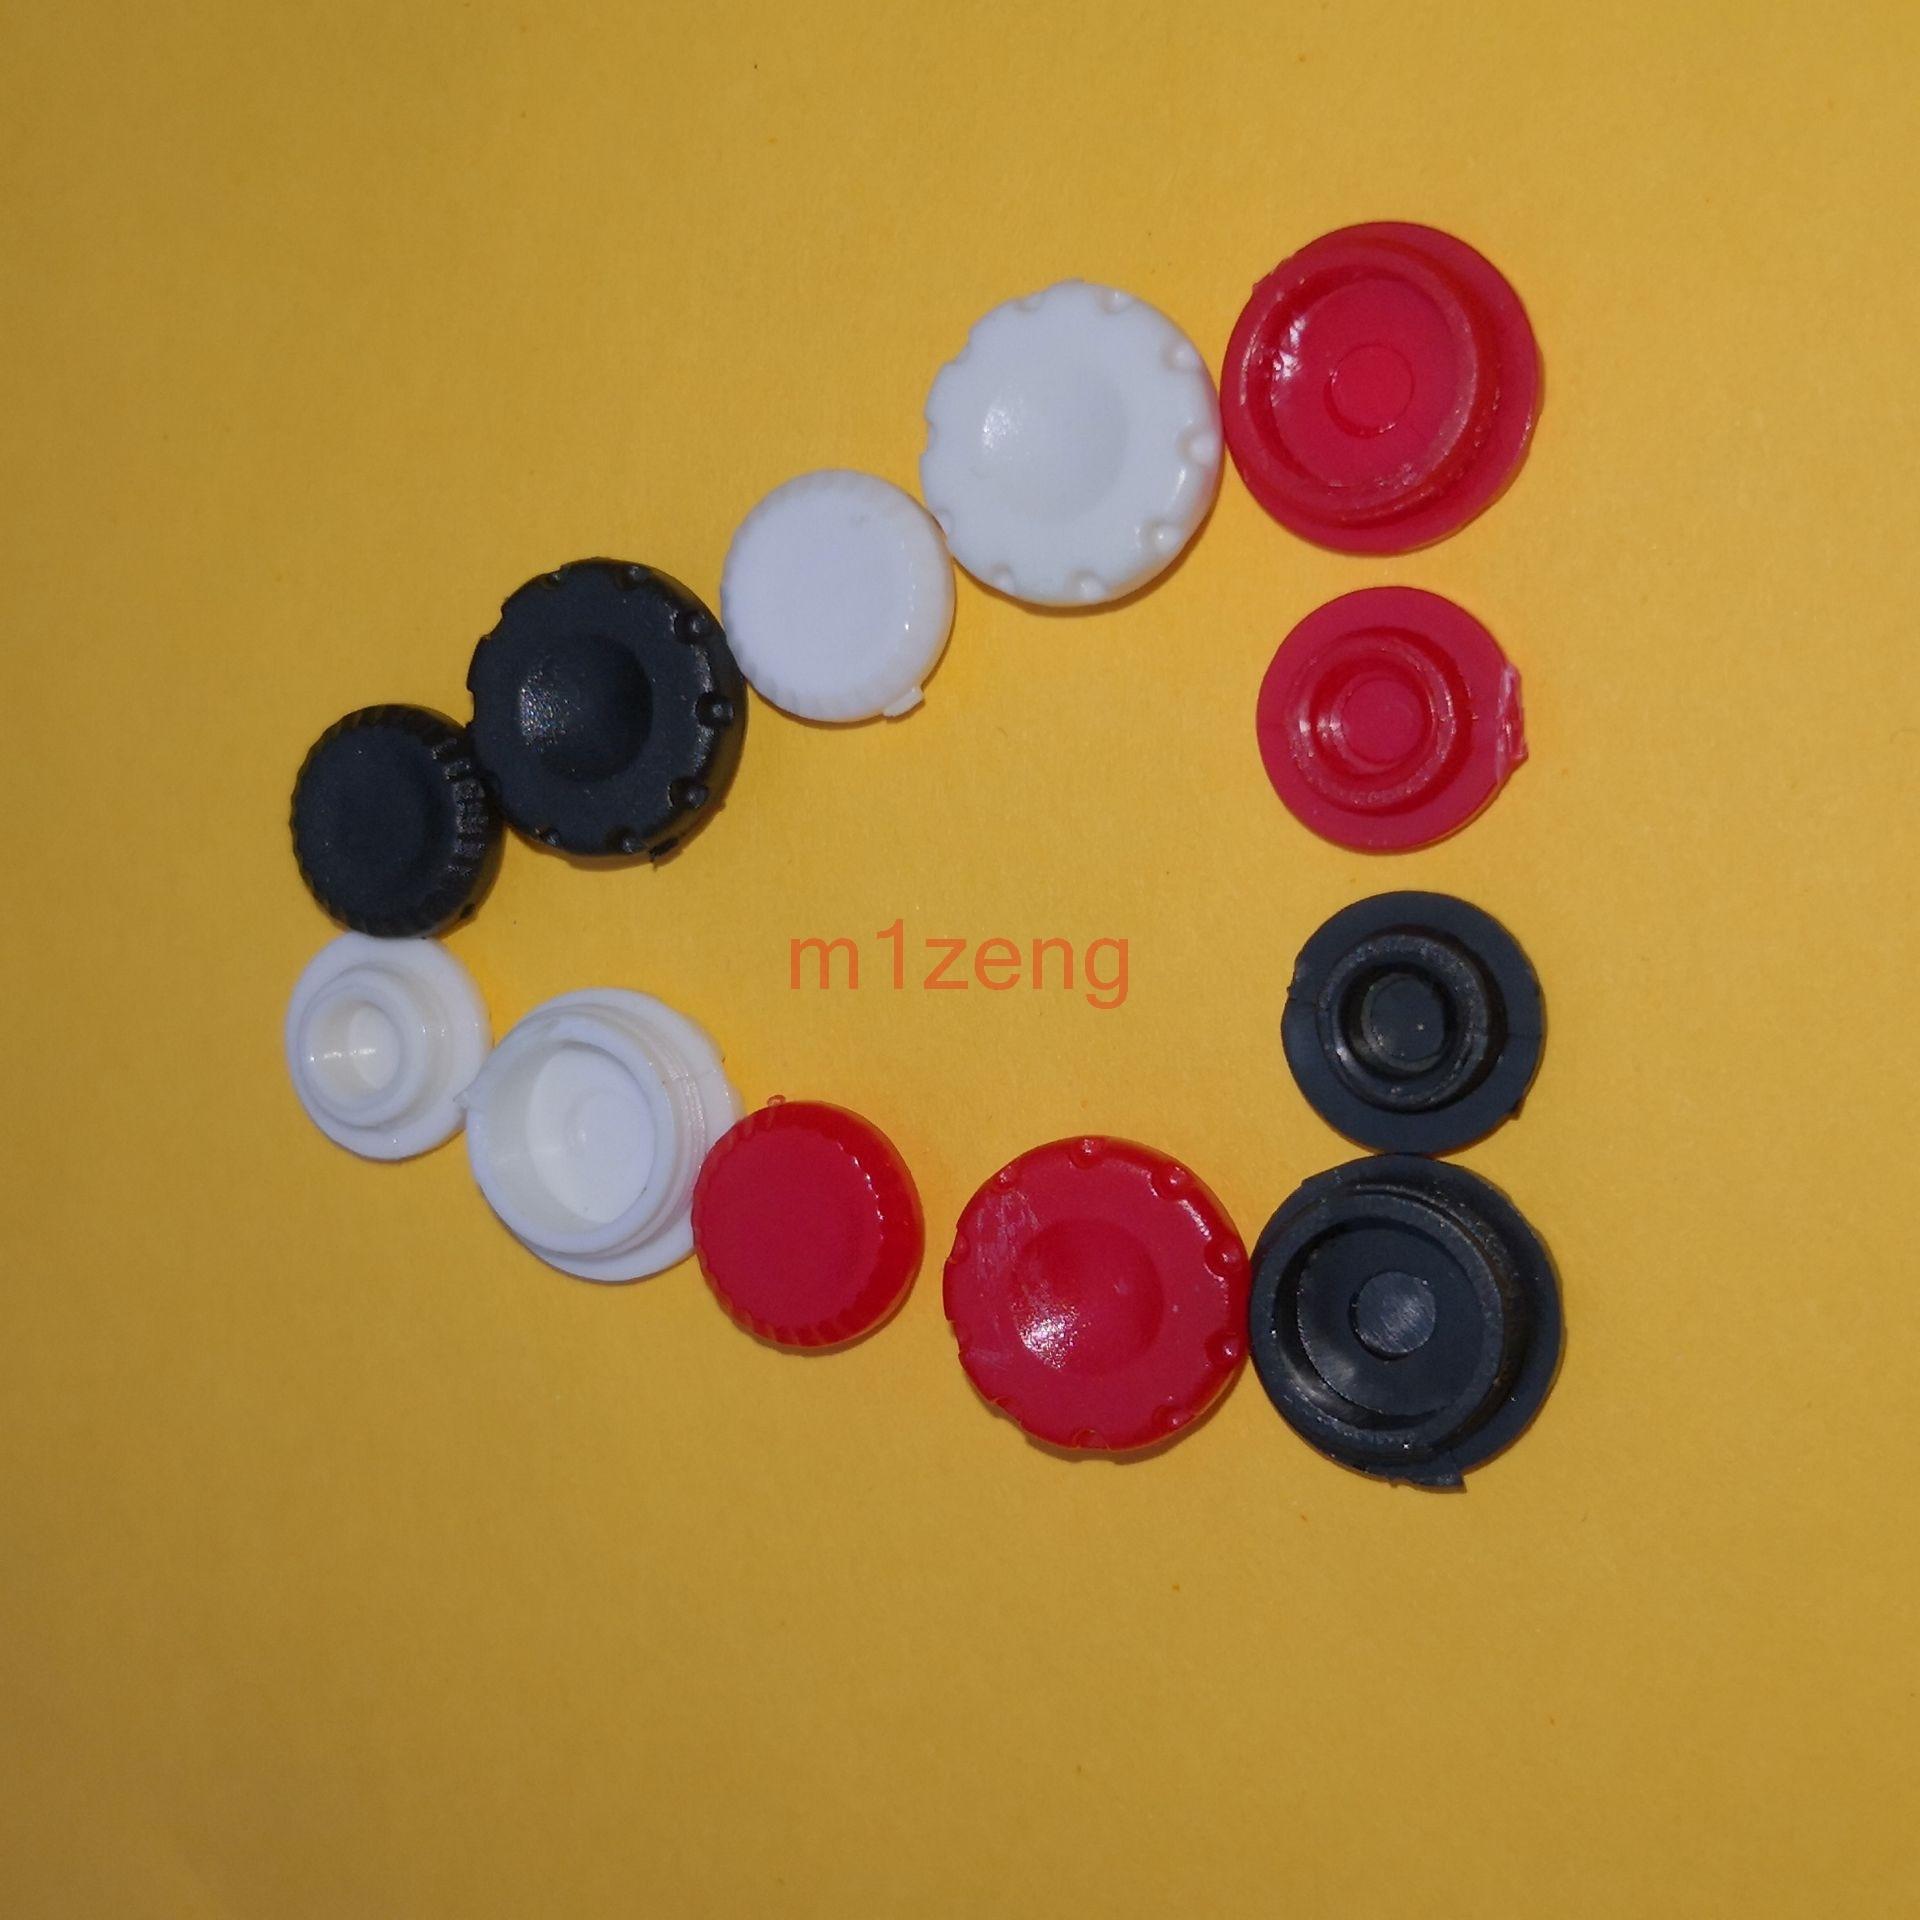 CAP 10-PIN REMOTE CONTROL MC-30 SYNC FLASH COVER CAMERA NIKON D3X D3S D2X D2XS